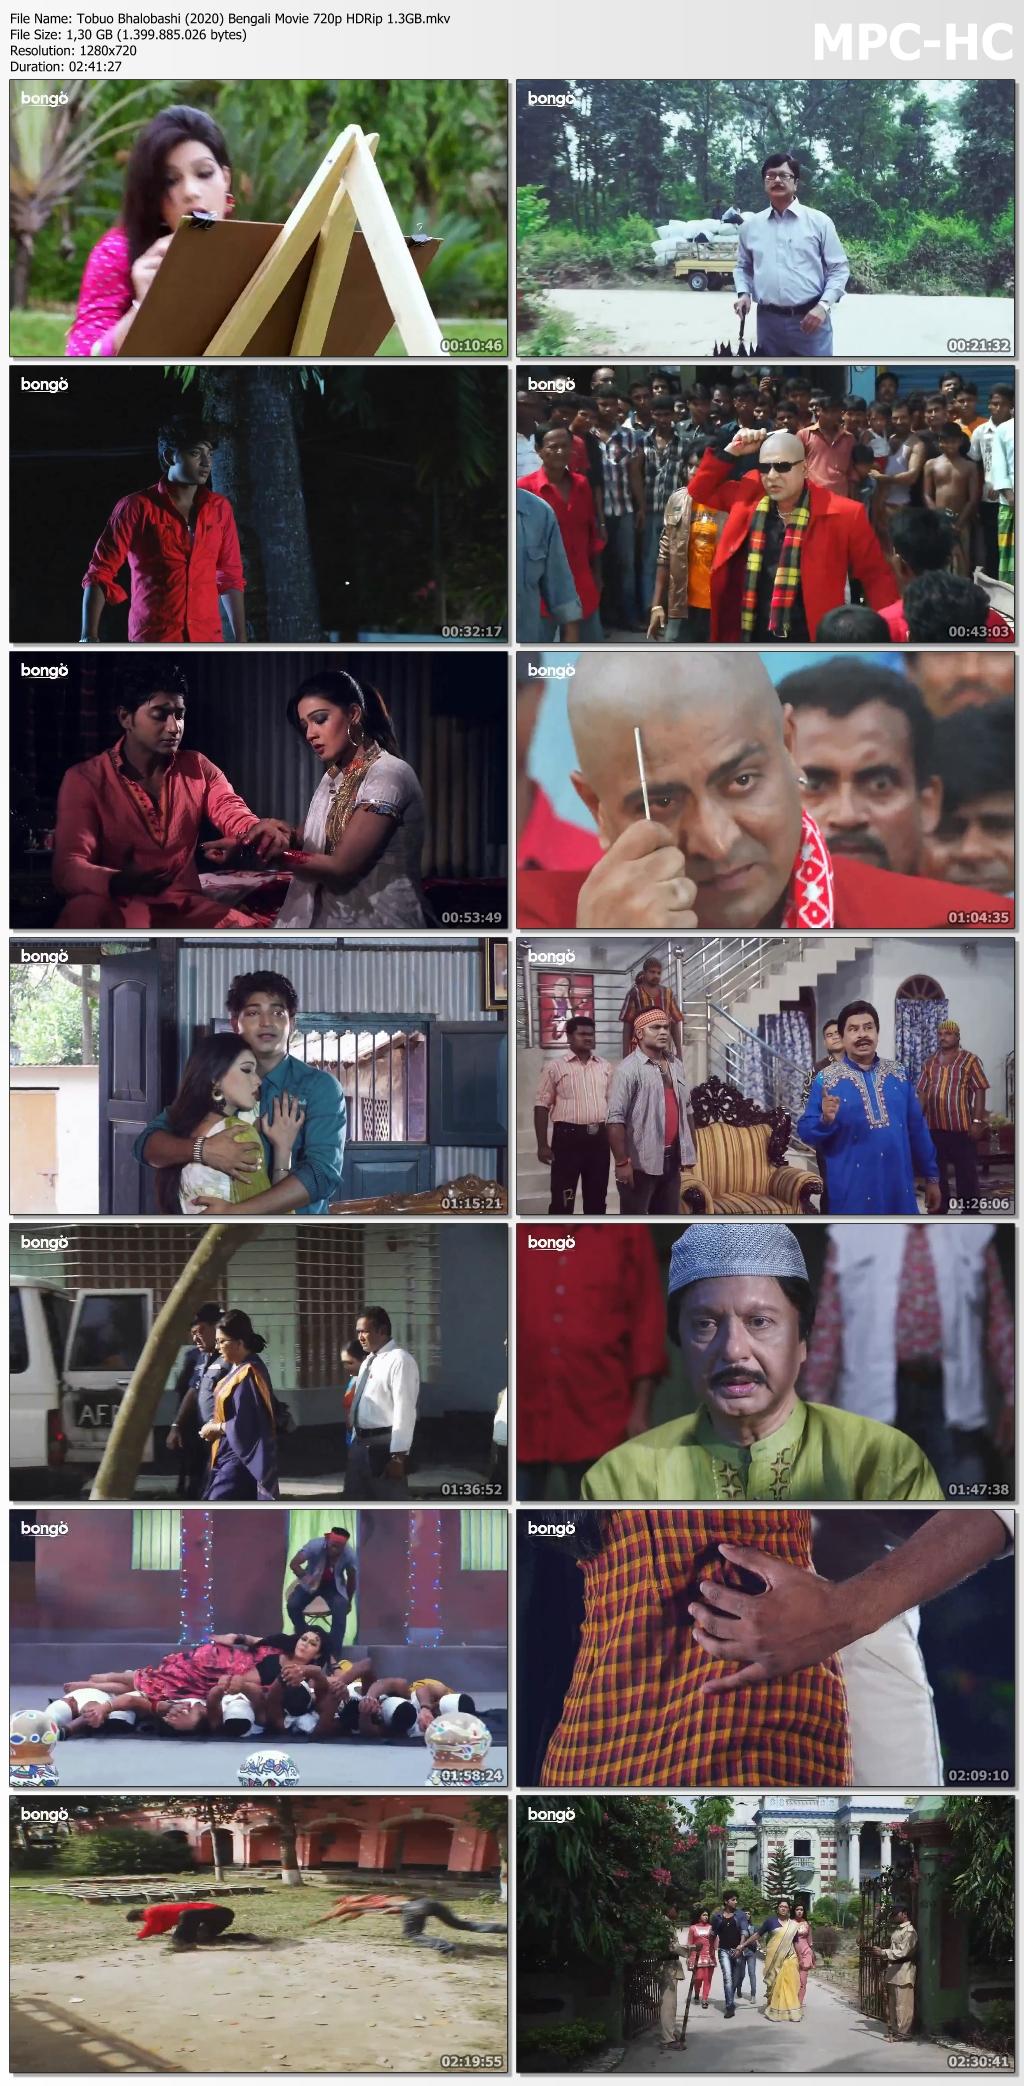 Tobuo-Bhalobashi-2020-Bengali-Movie-720p-HDRip-1-3-GB-mkv-thumbs